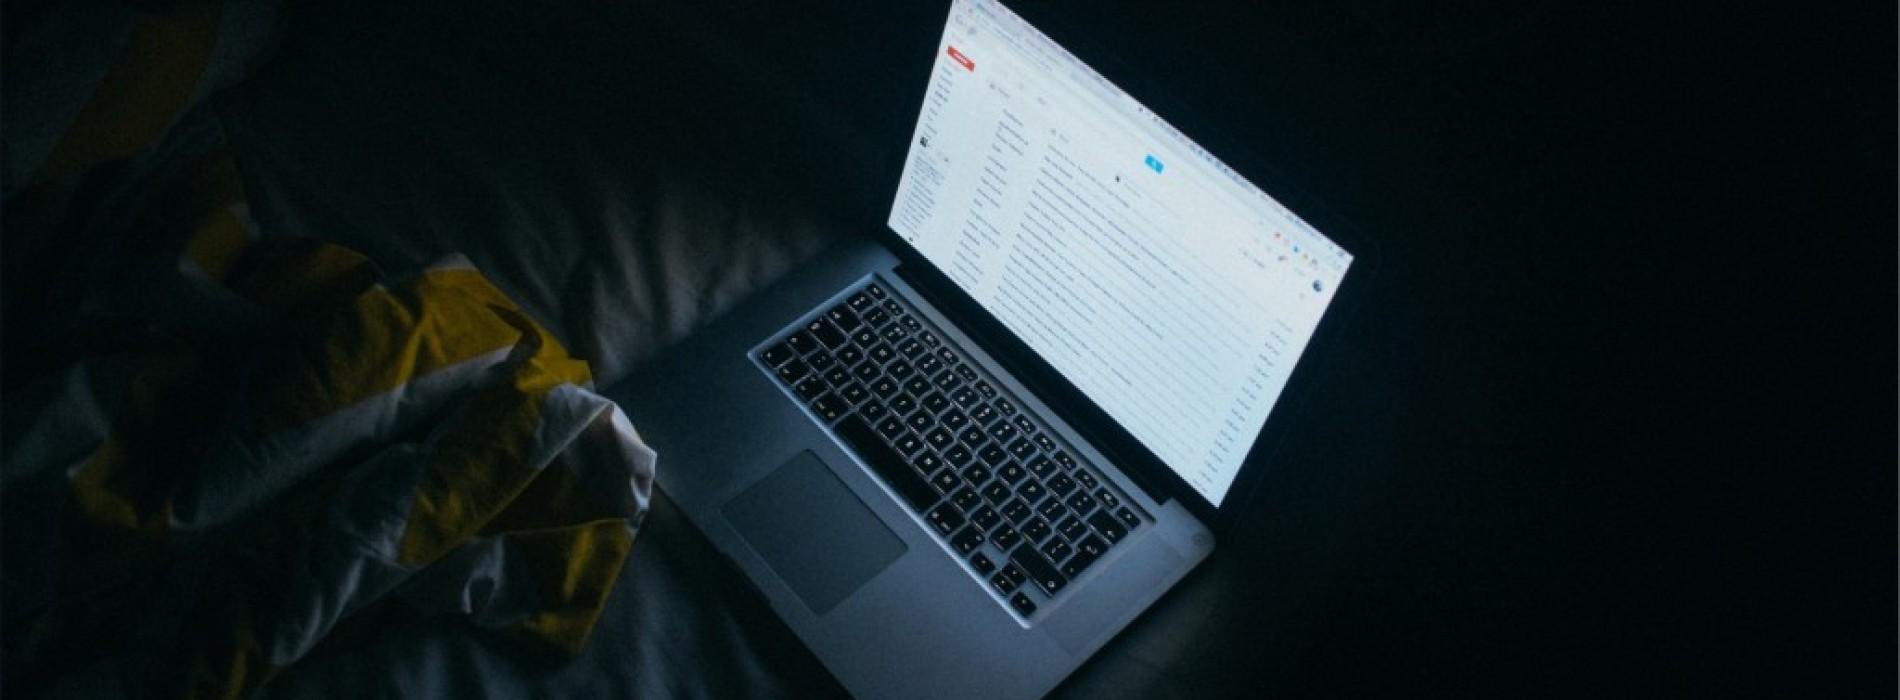 Във Франция предлагат: без имейли до служители в извънработно време